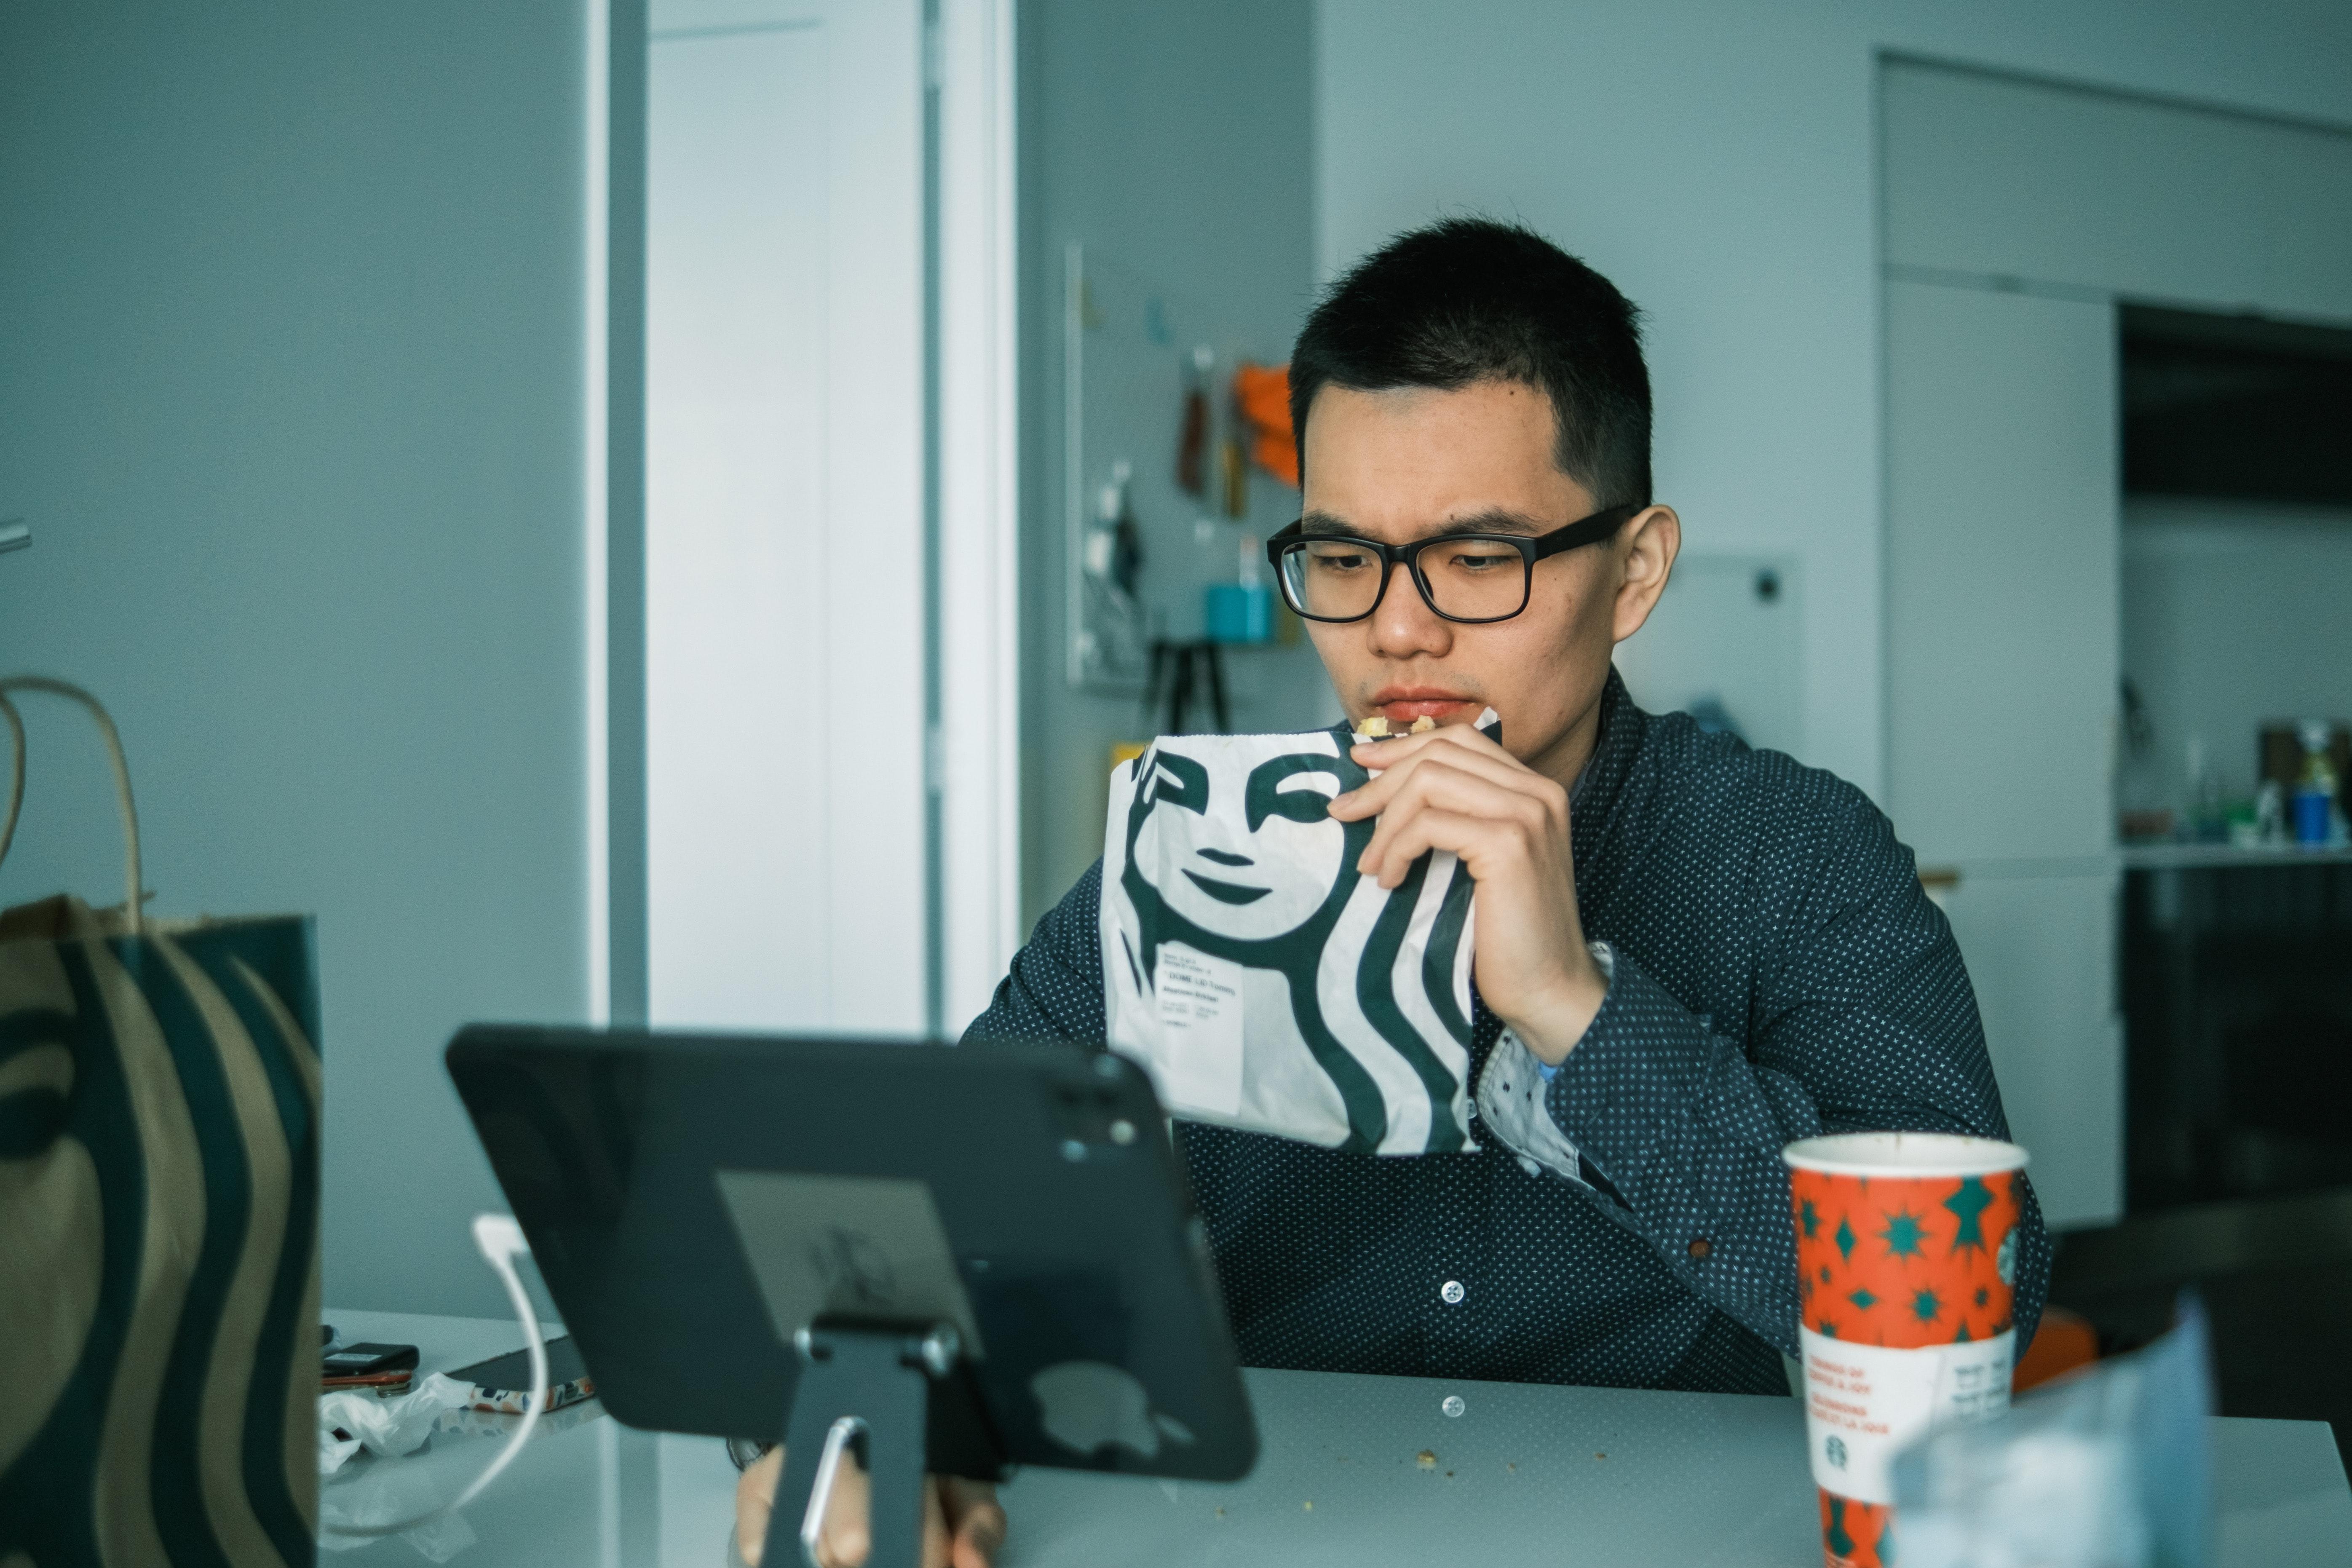 Rreziku i të ngrënit para kompjuterit, ja çfarë ndodh…